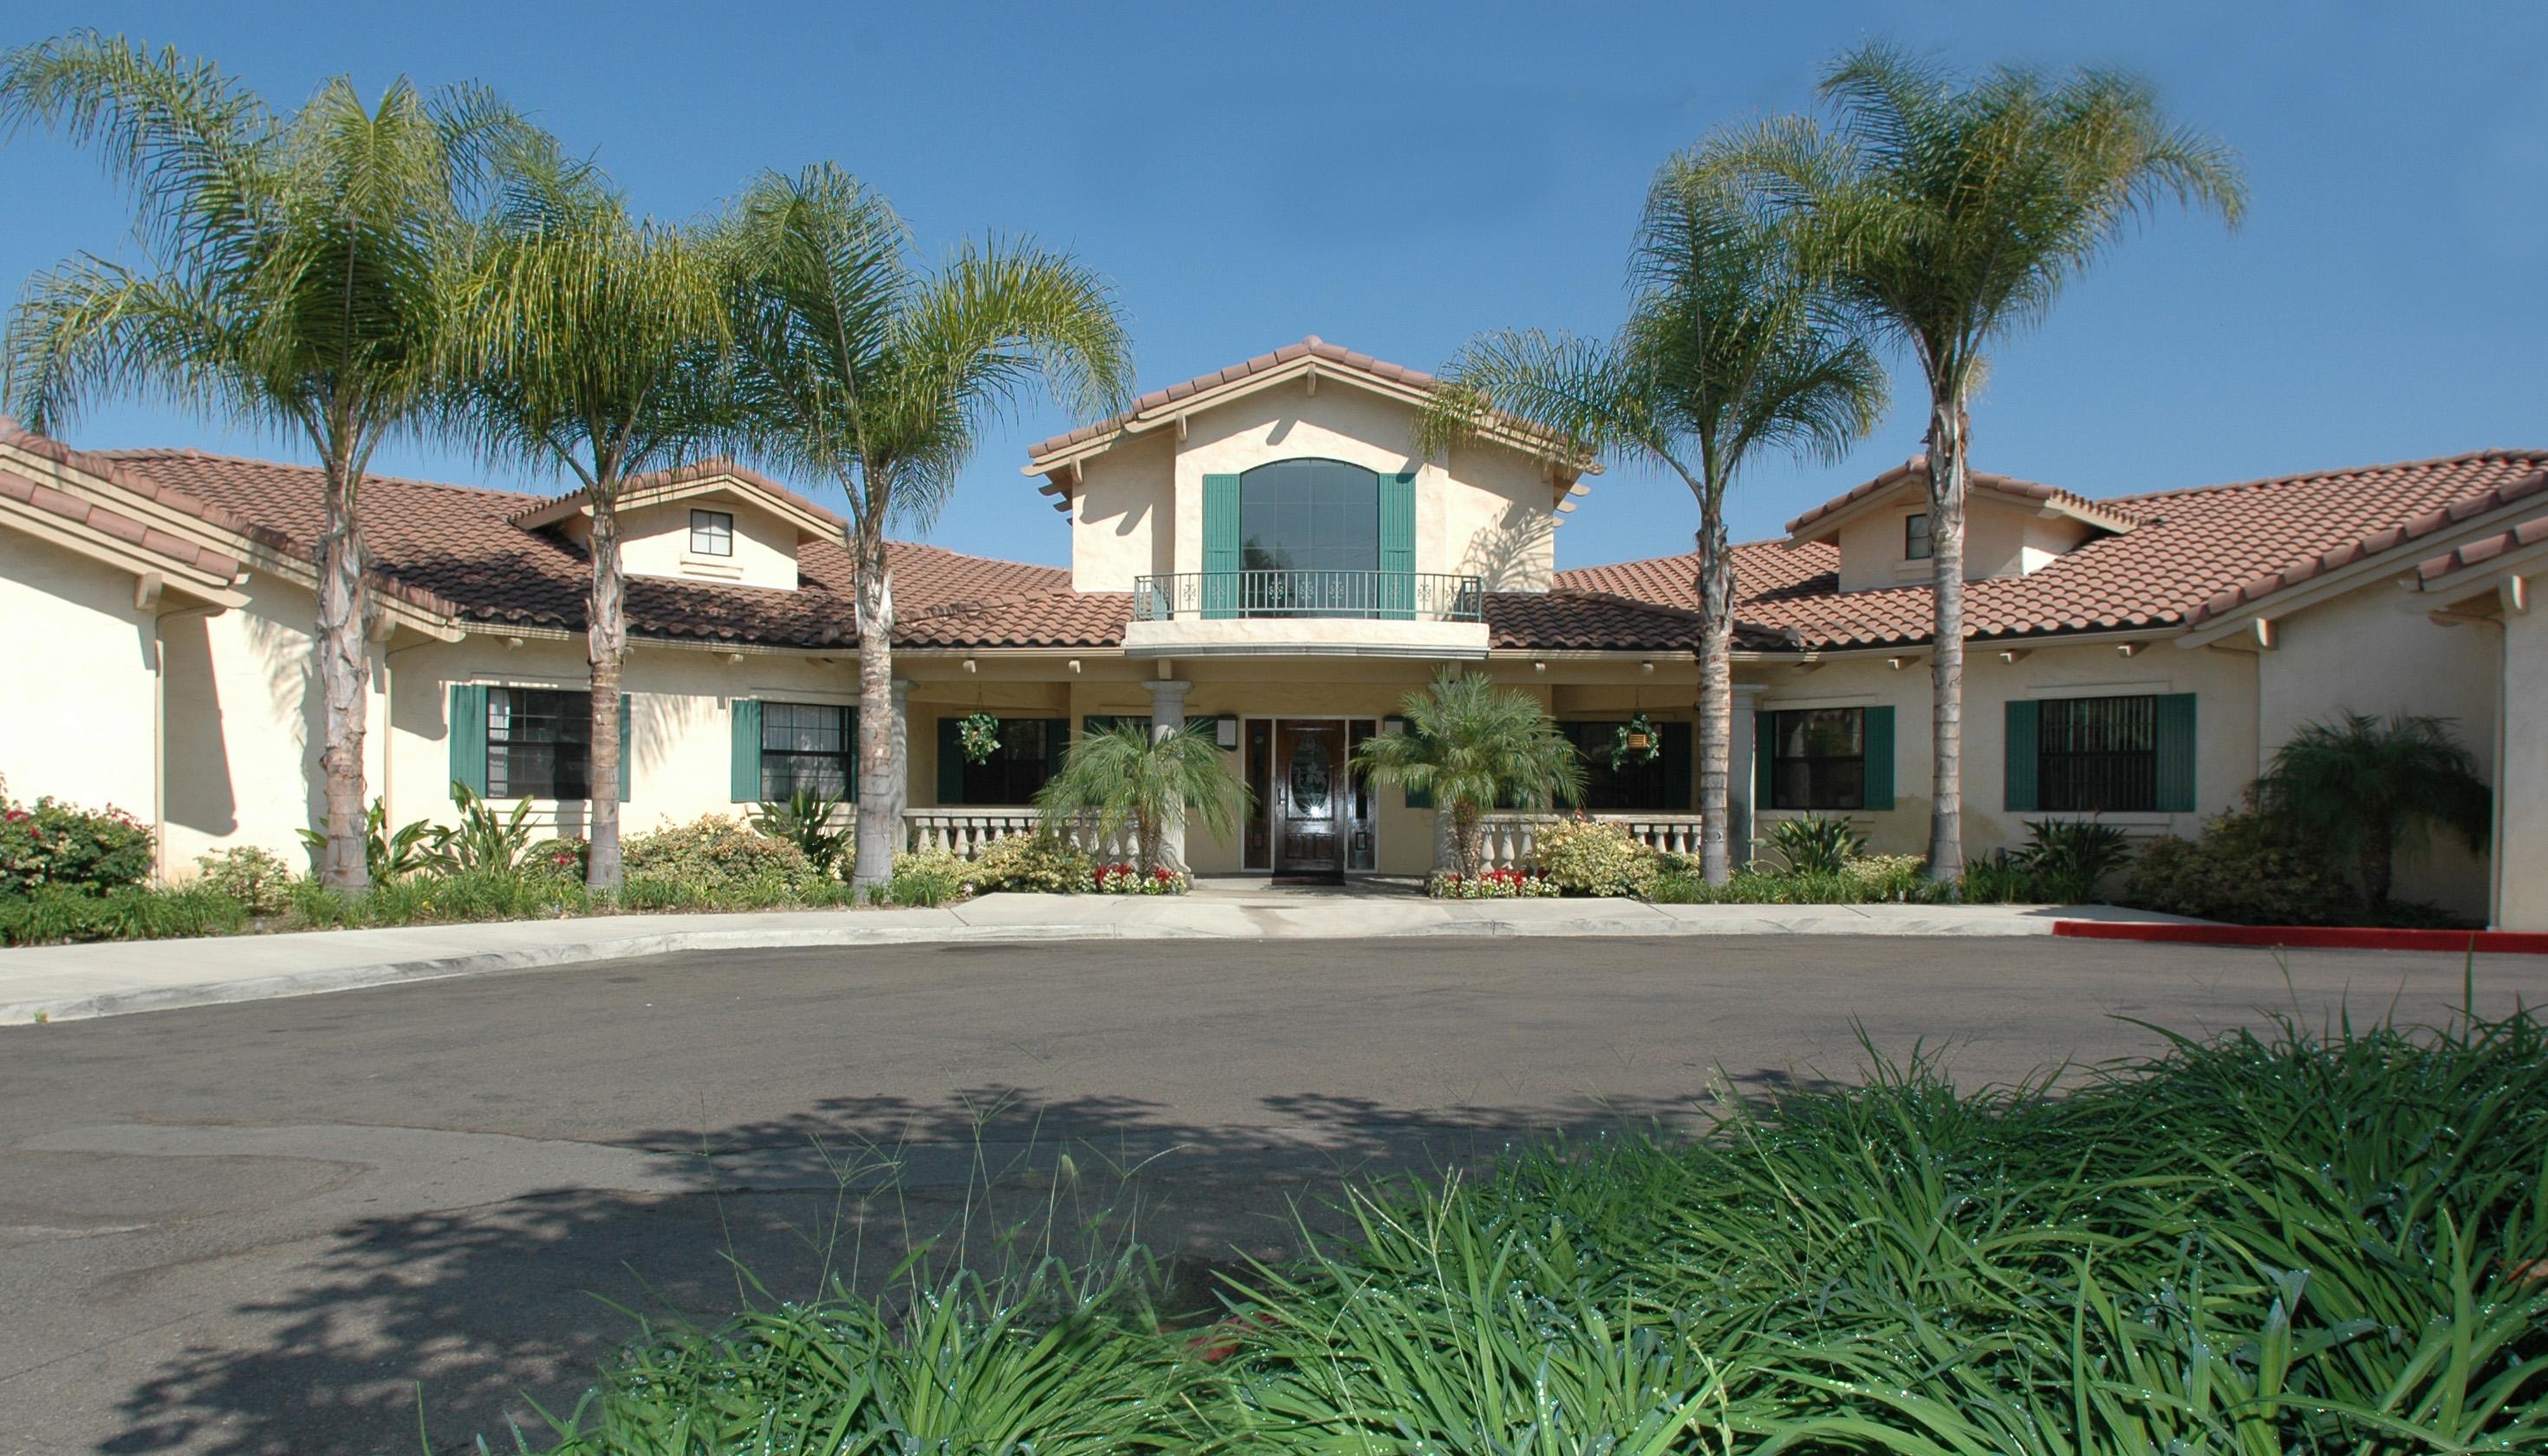 Elmcroft of La Mesa, CA - Exterior